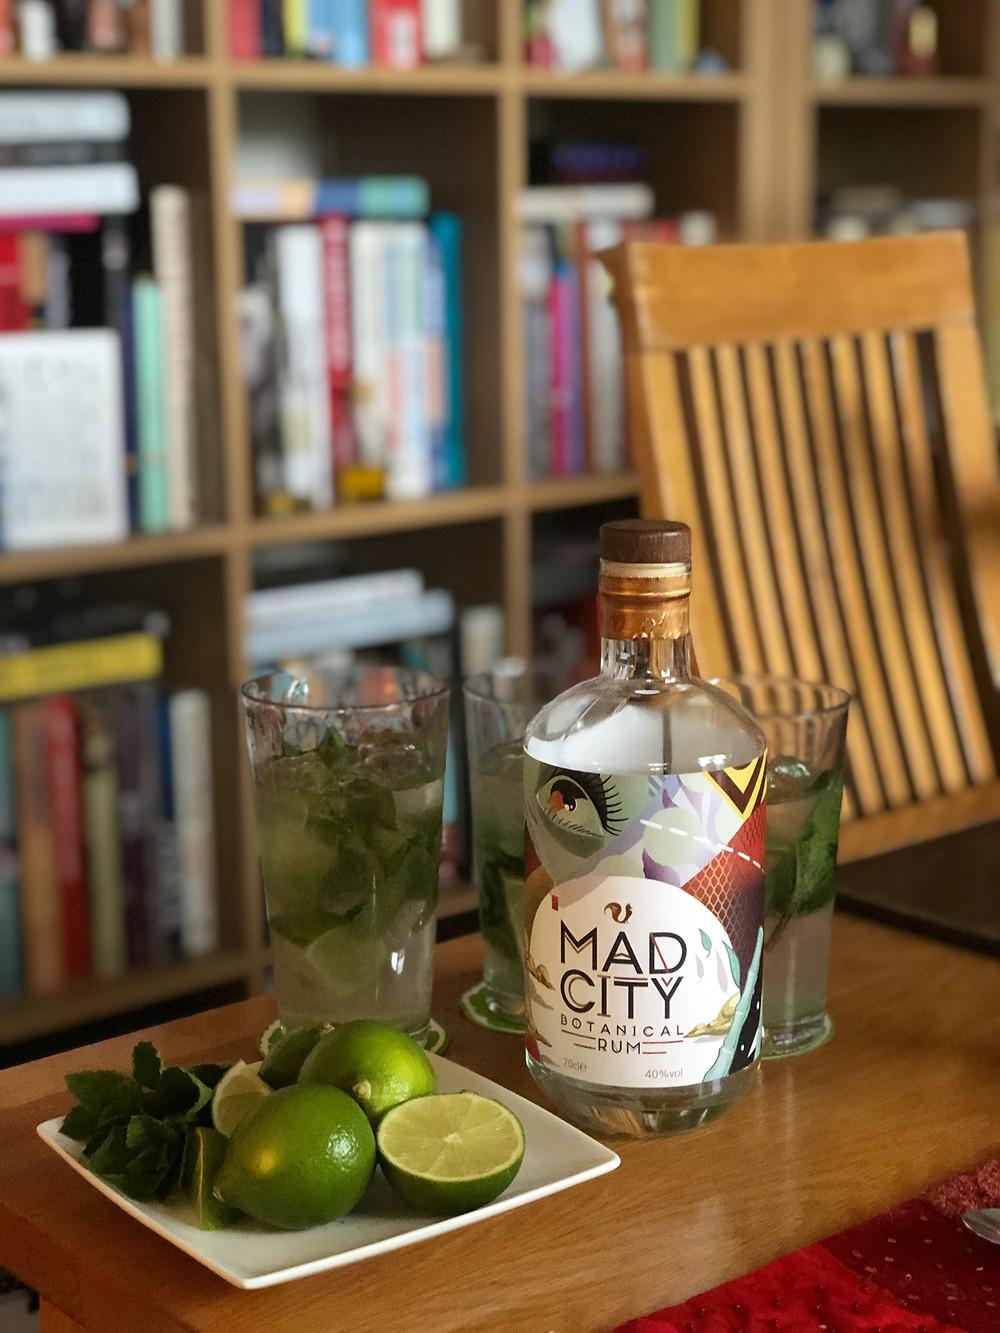 Mad City Rum